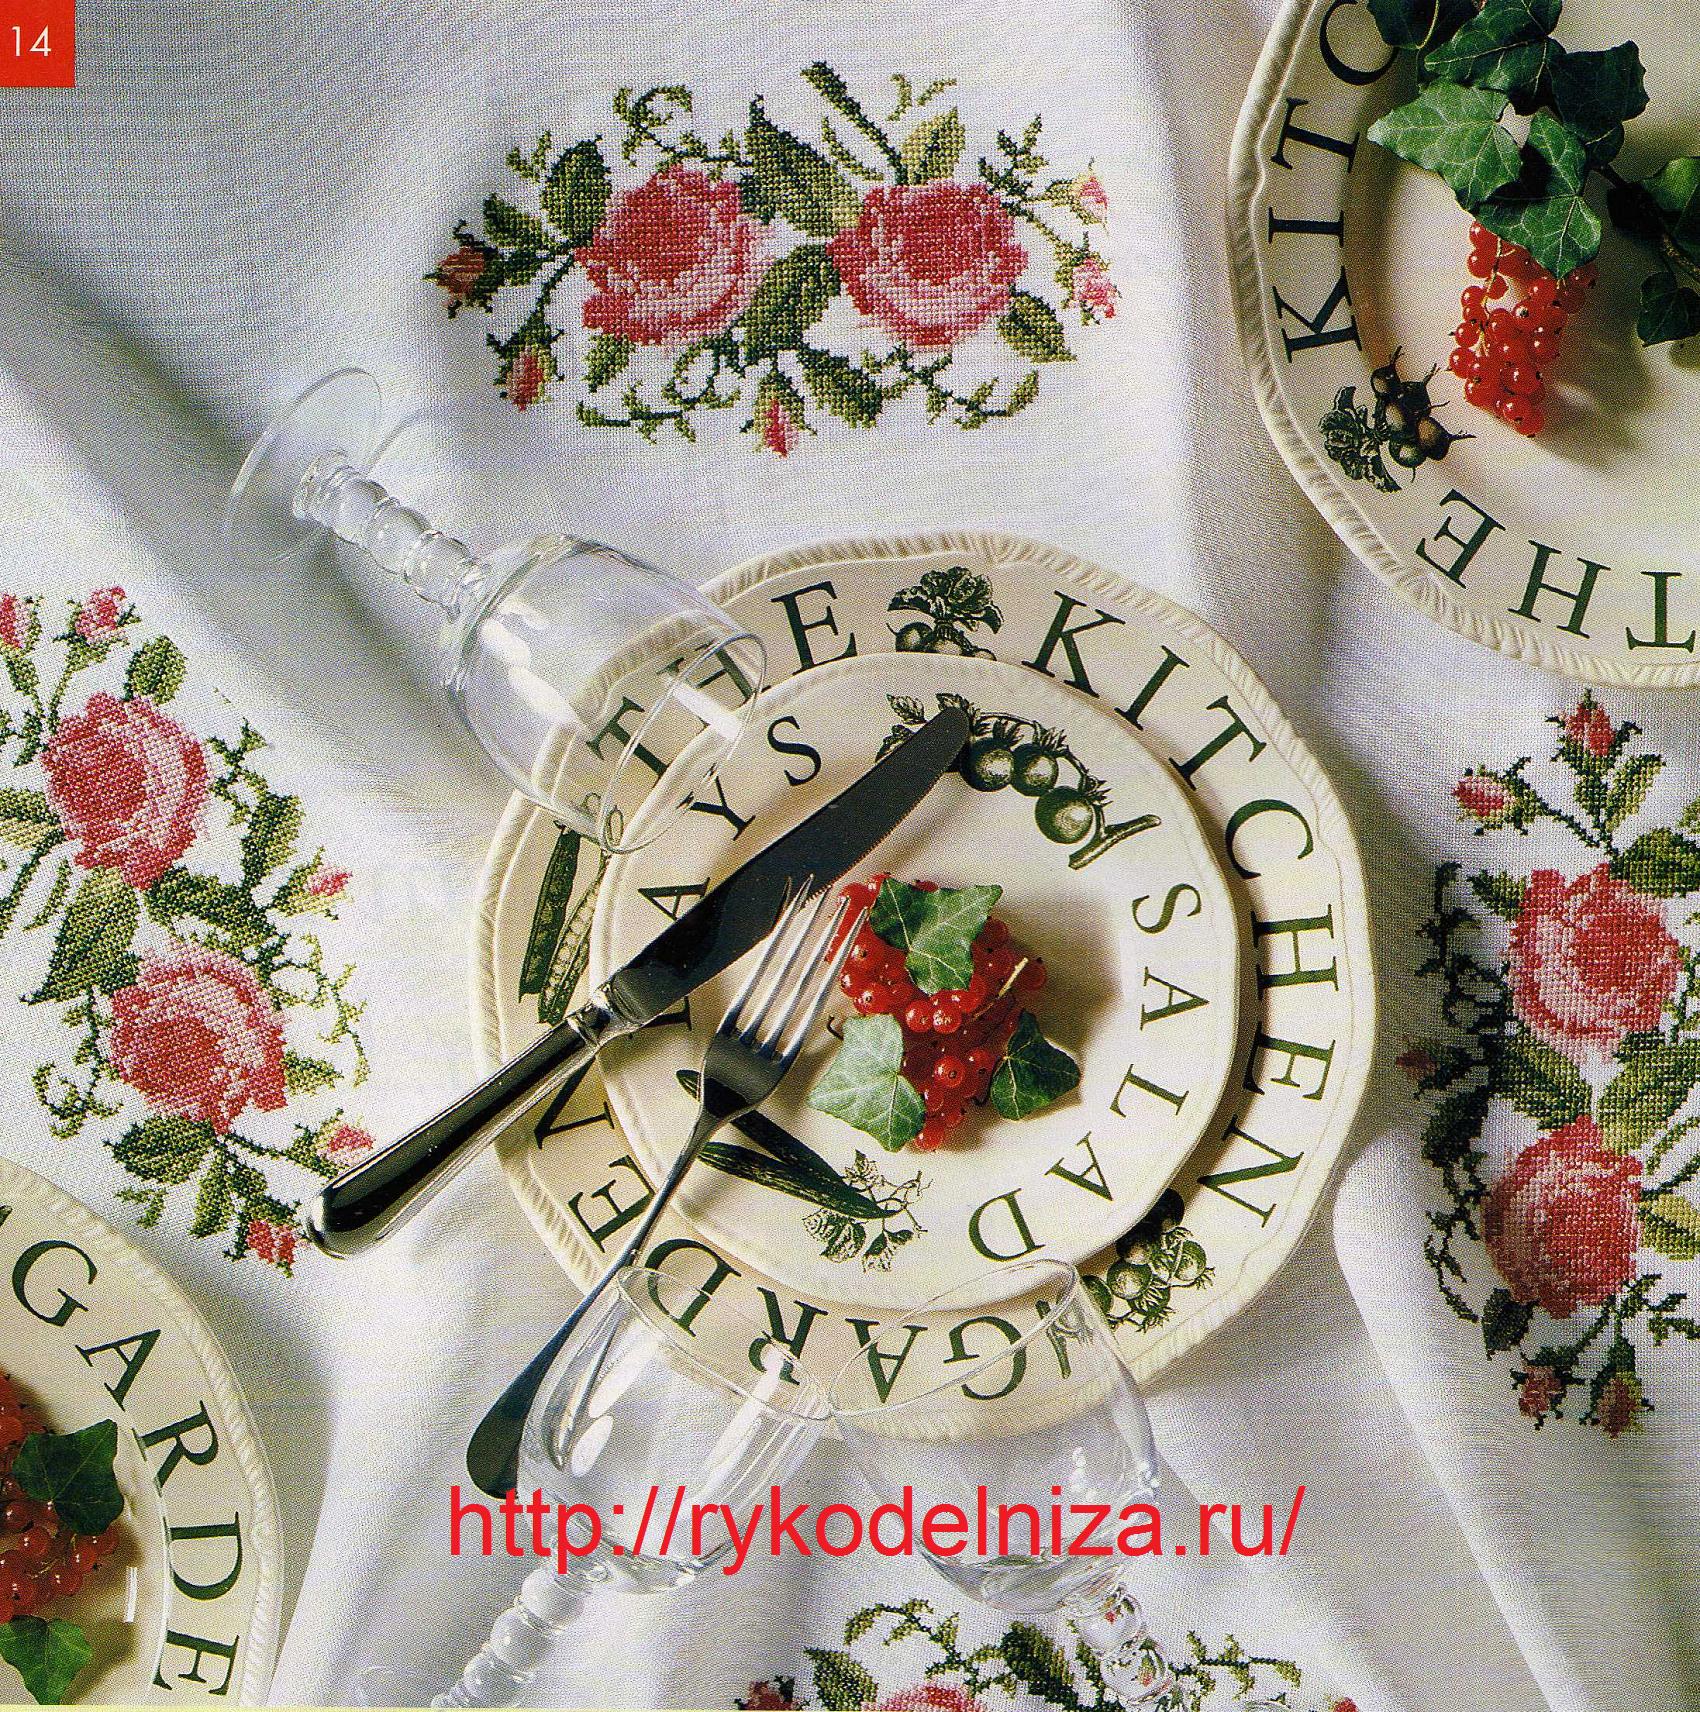 Сегодня еще две схемы вышивки крестиком роз в ностальгической манере, которая между тем остается популярной.